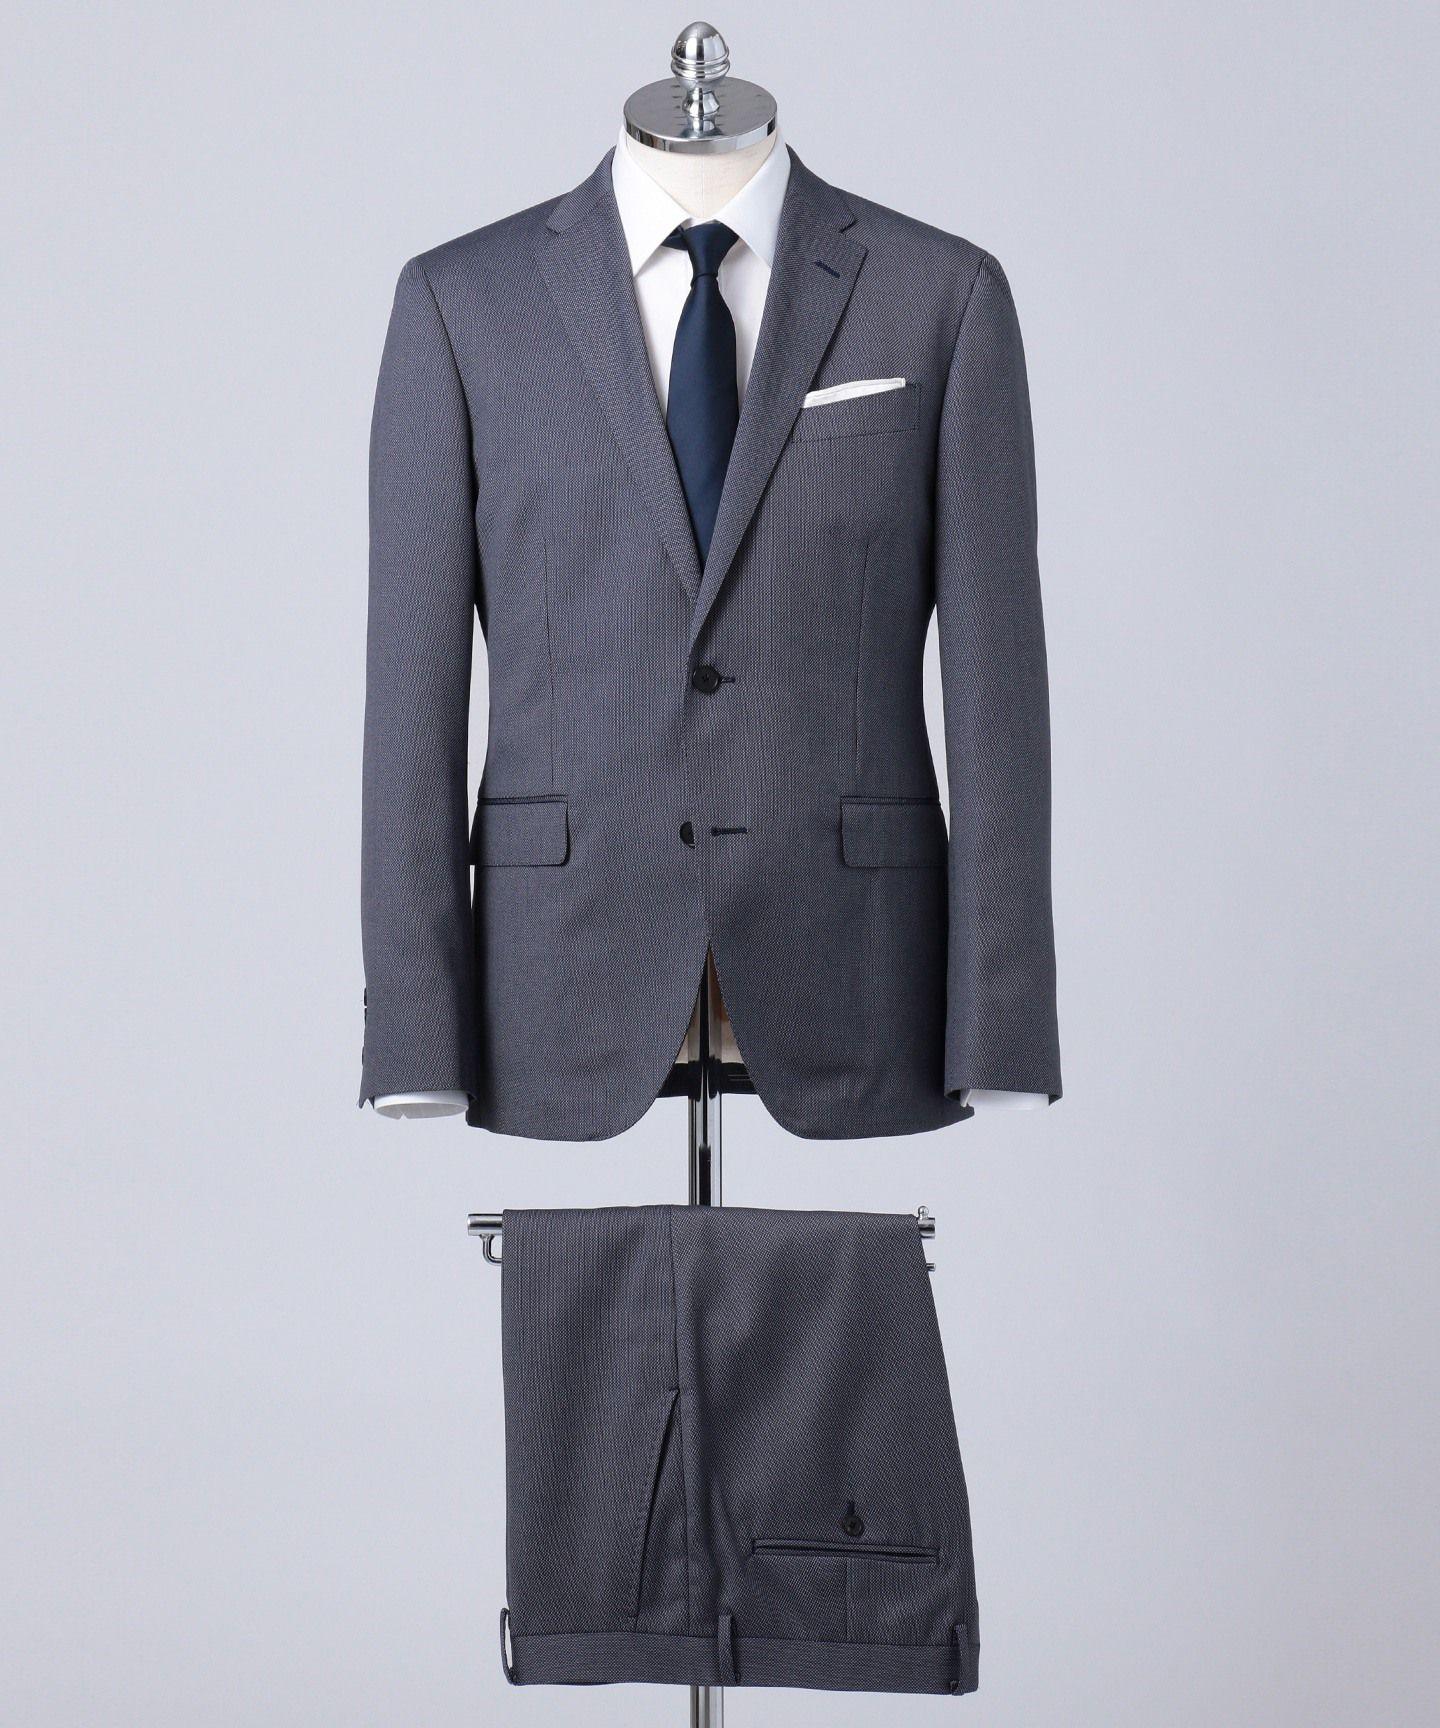 <集英社>【SONIC SUIT】アクティブバーズアイ スーツ画像